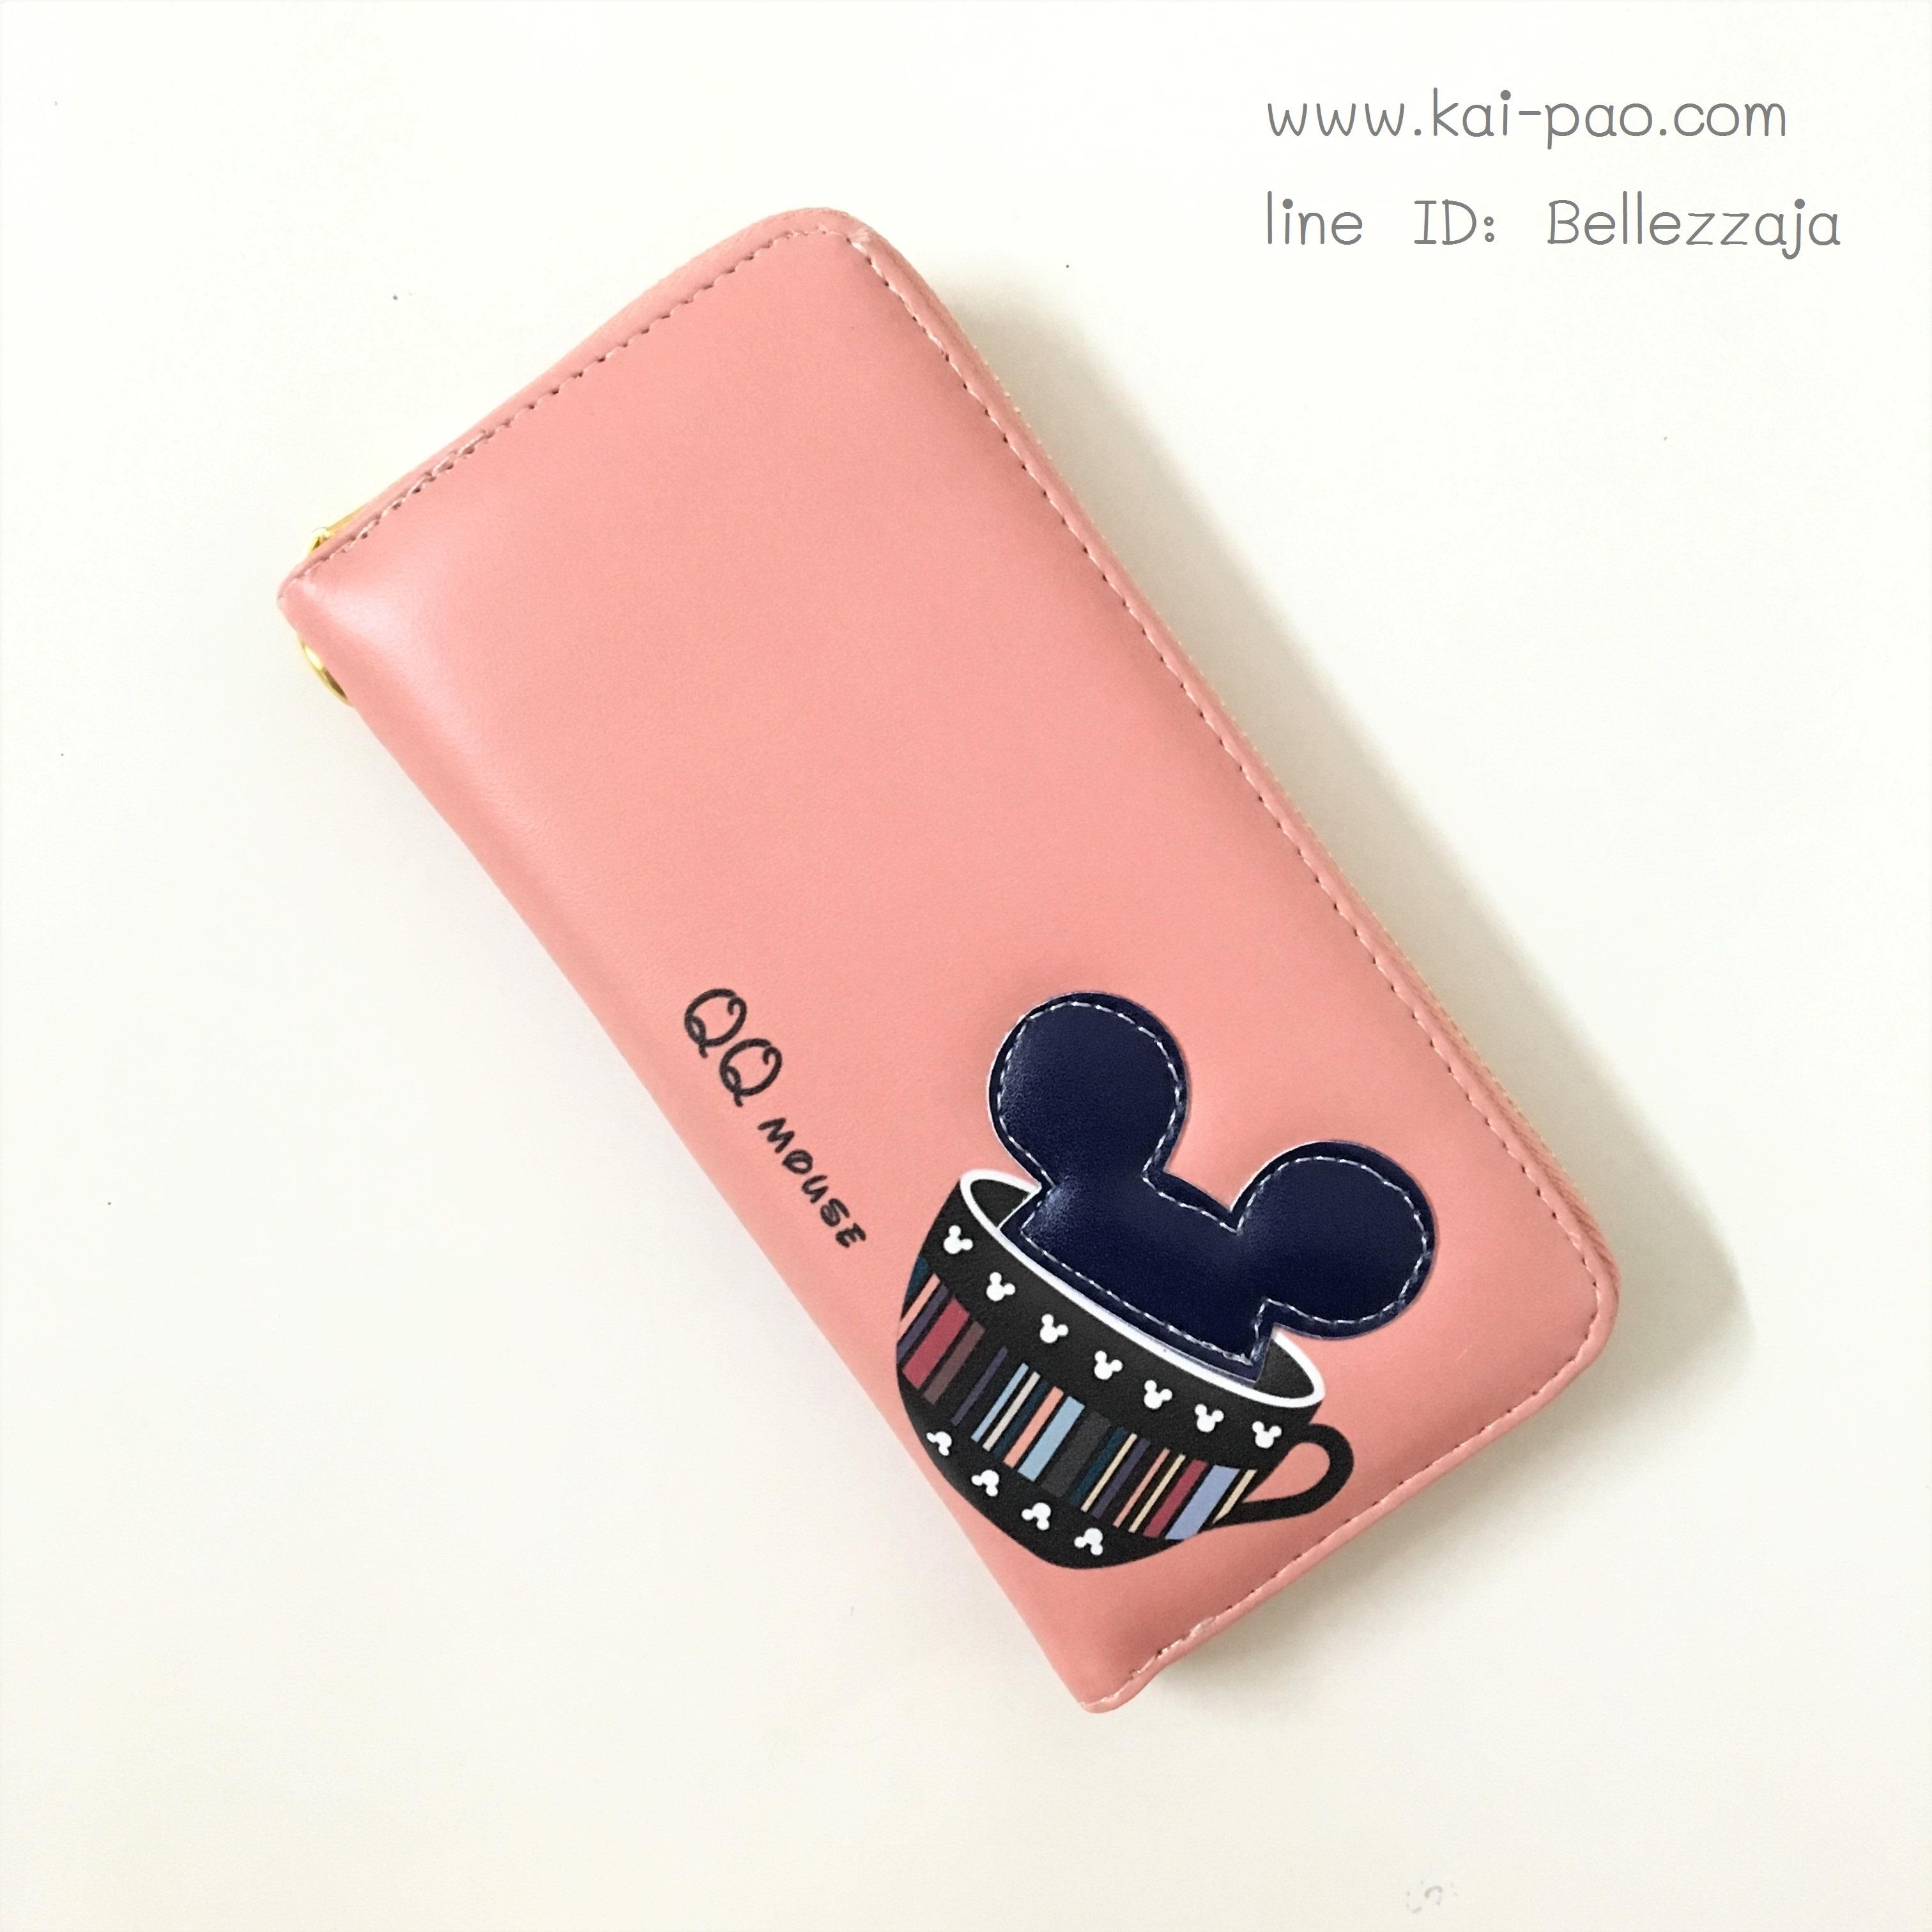 กระเป๋าสตางค์ใบยาว QQ Mouse สีชมพูโอรส แบบซิปรอบสีทอง